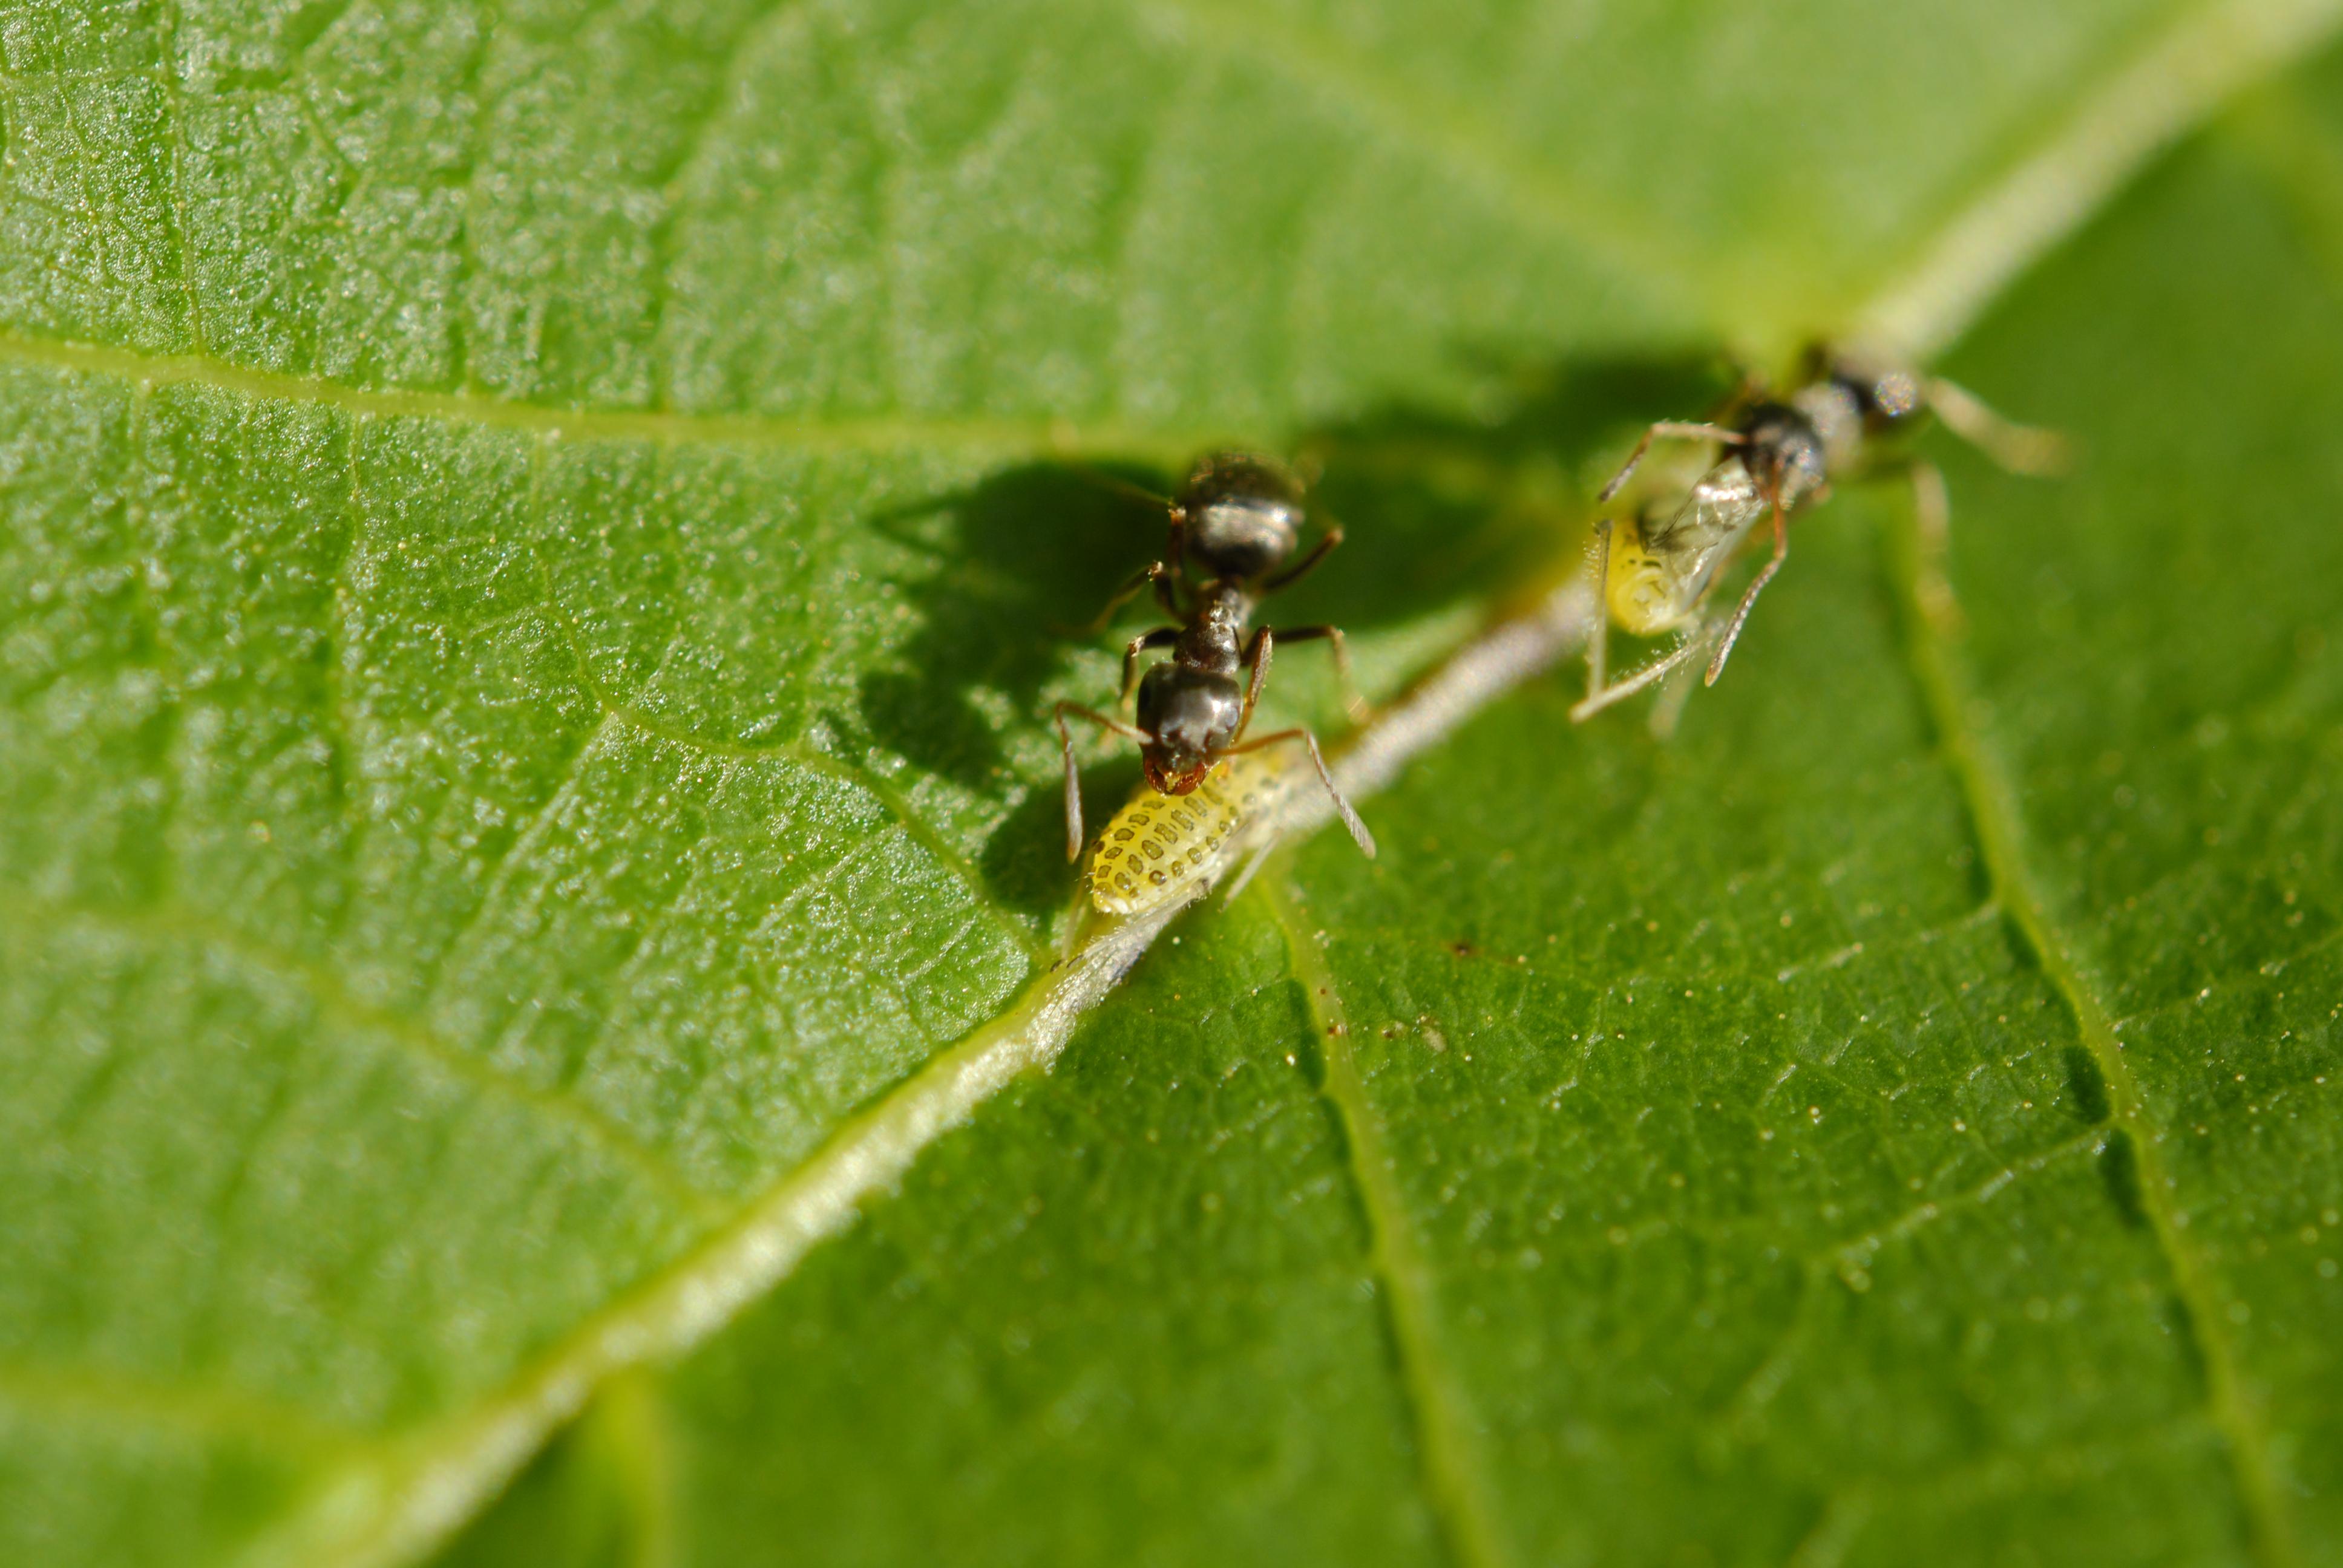 Ants farming